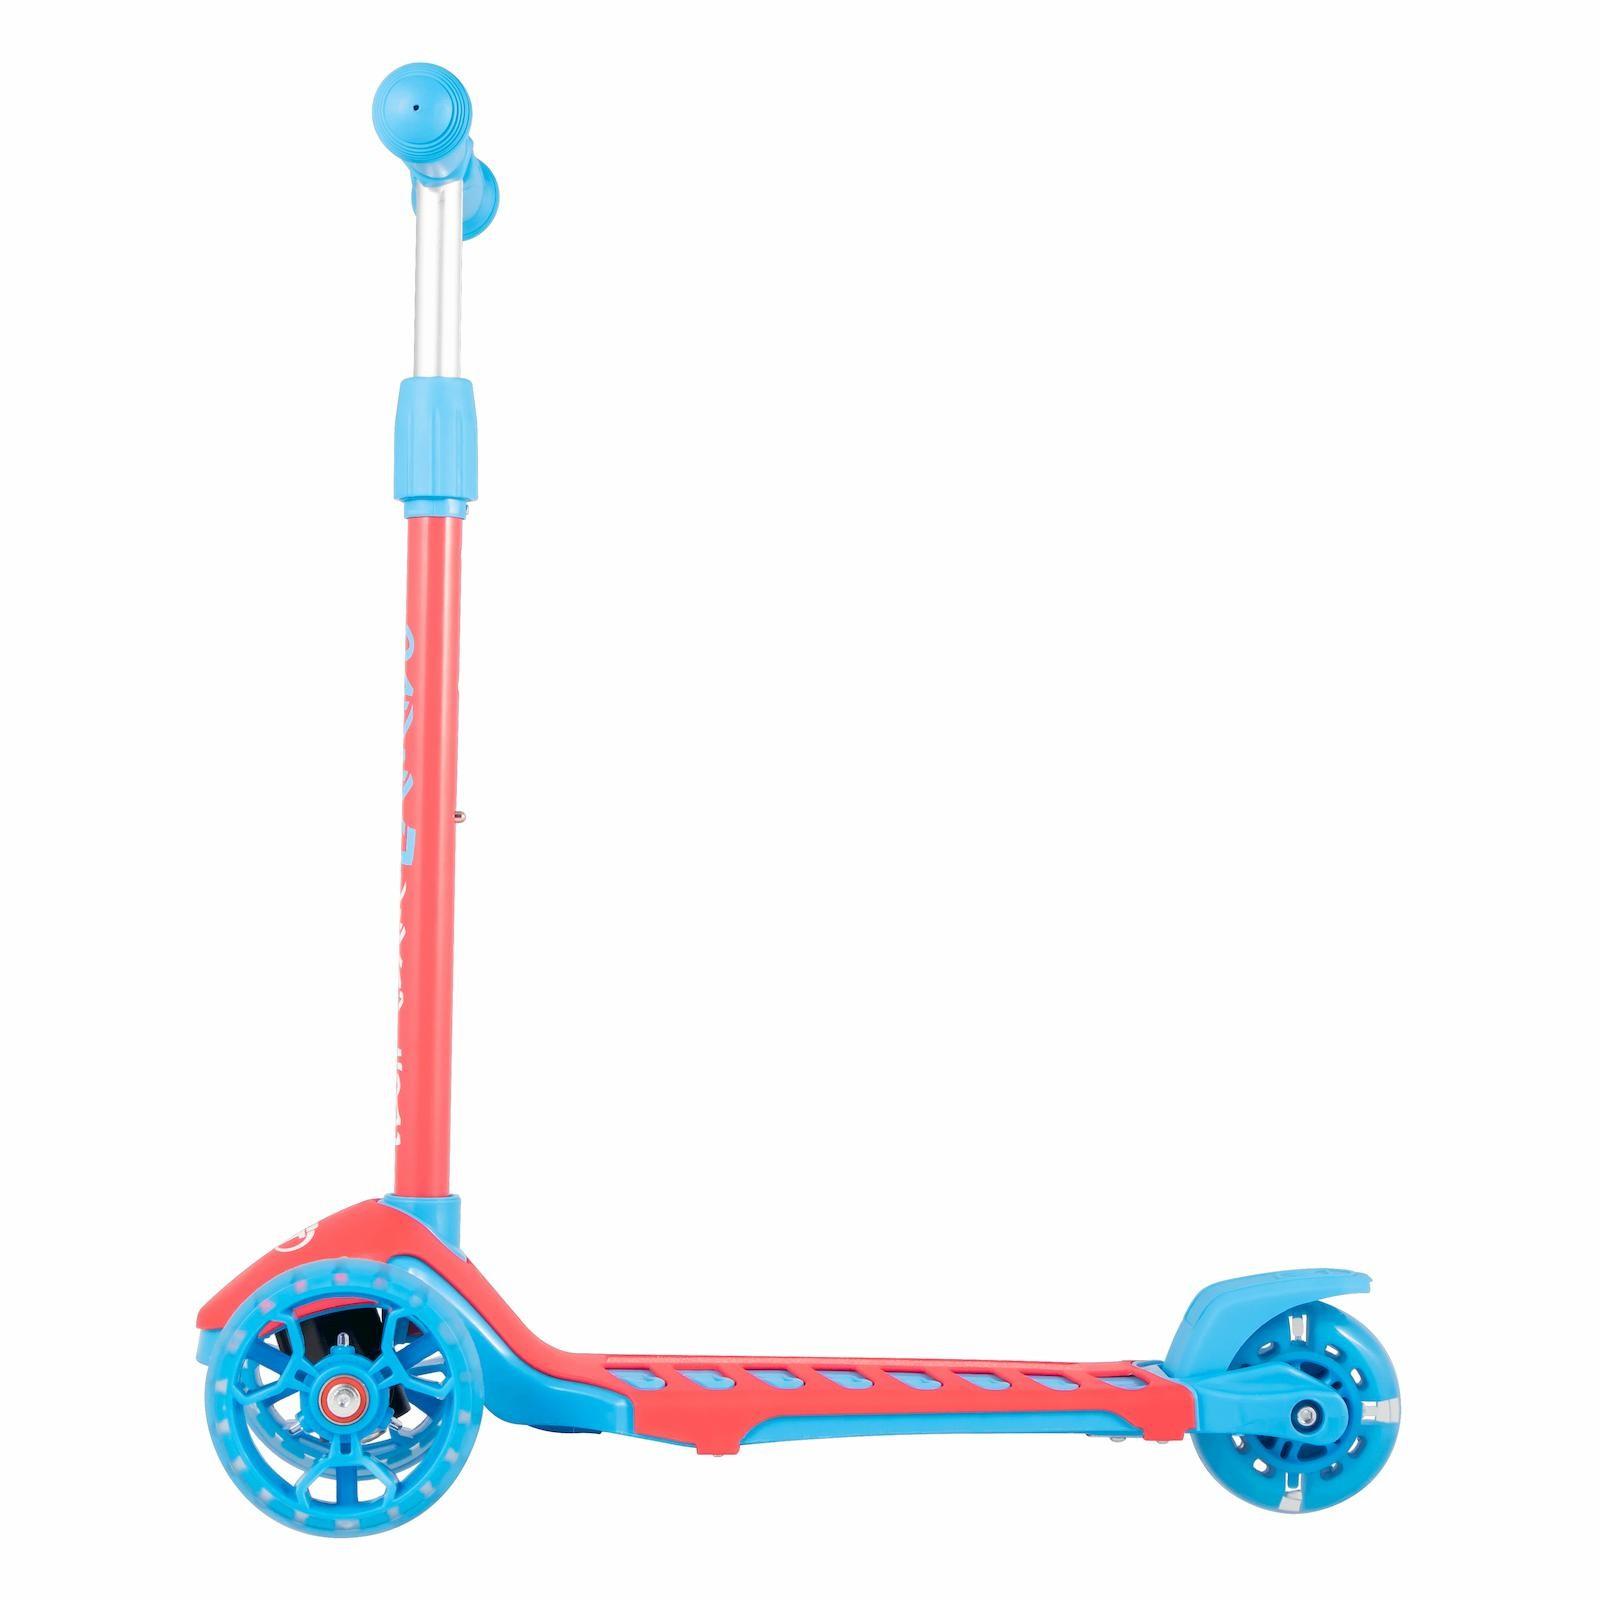 Детский Складной трехколесный самокат Lambo TechTeam 2020 / Розово-голубой